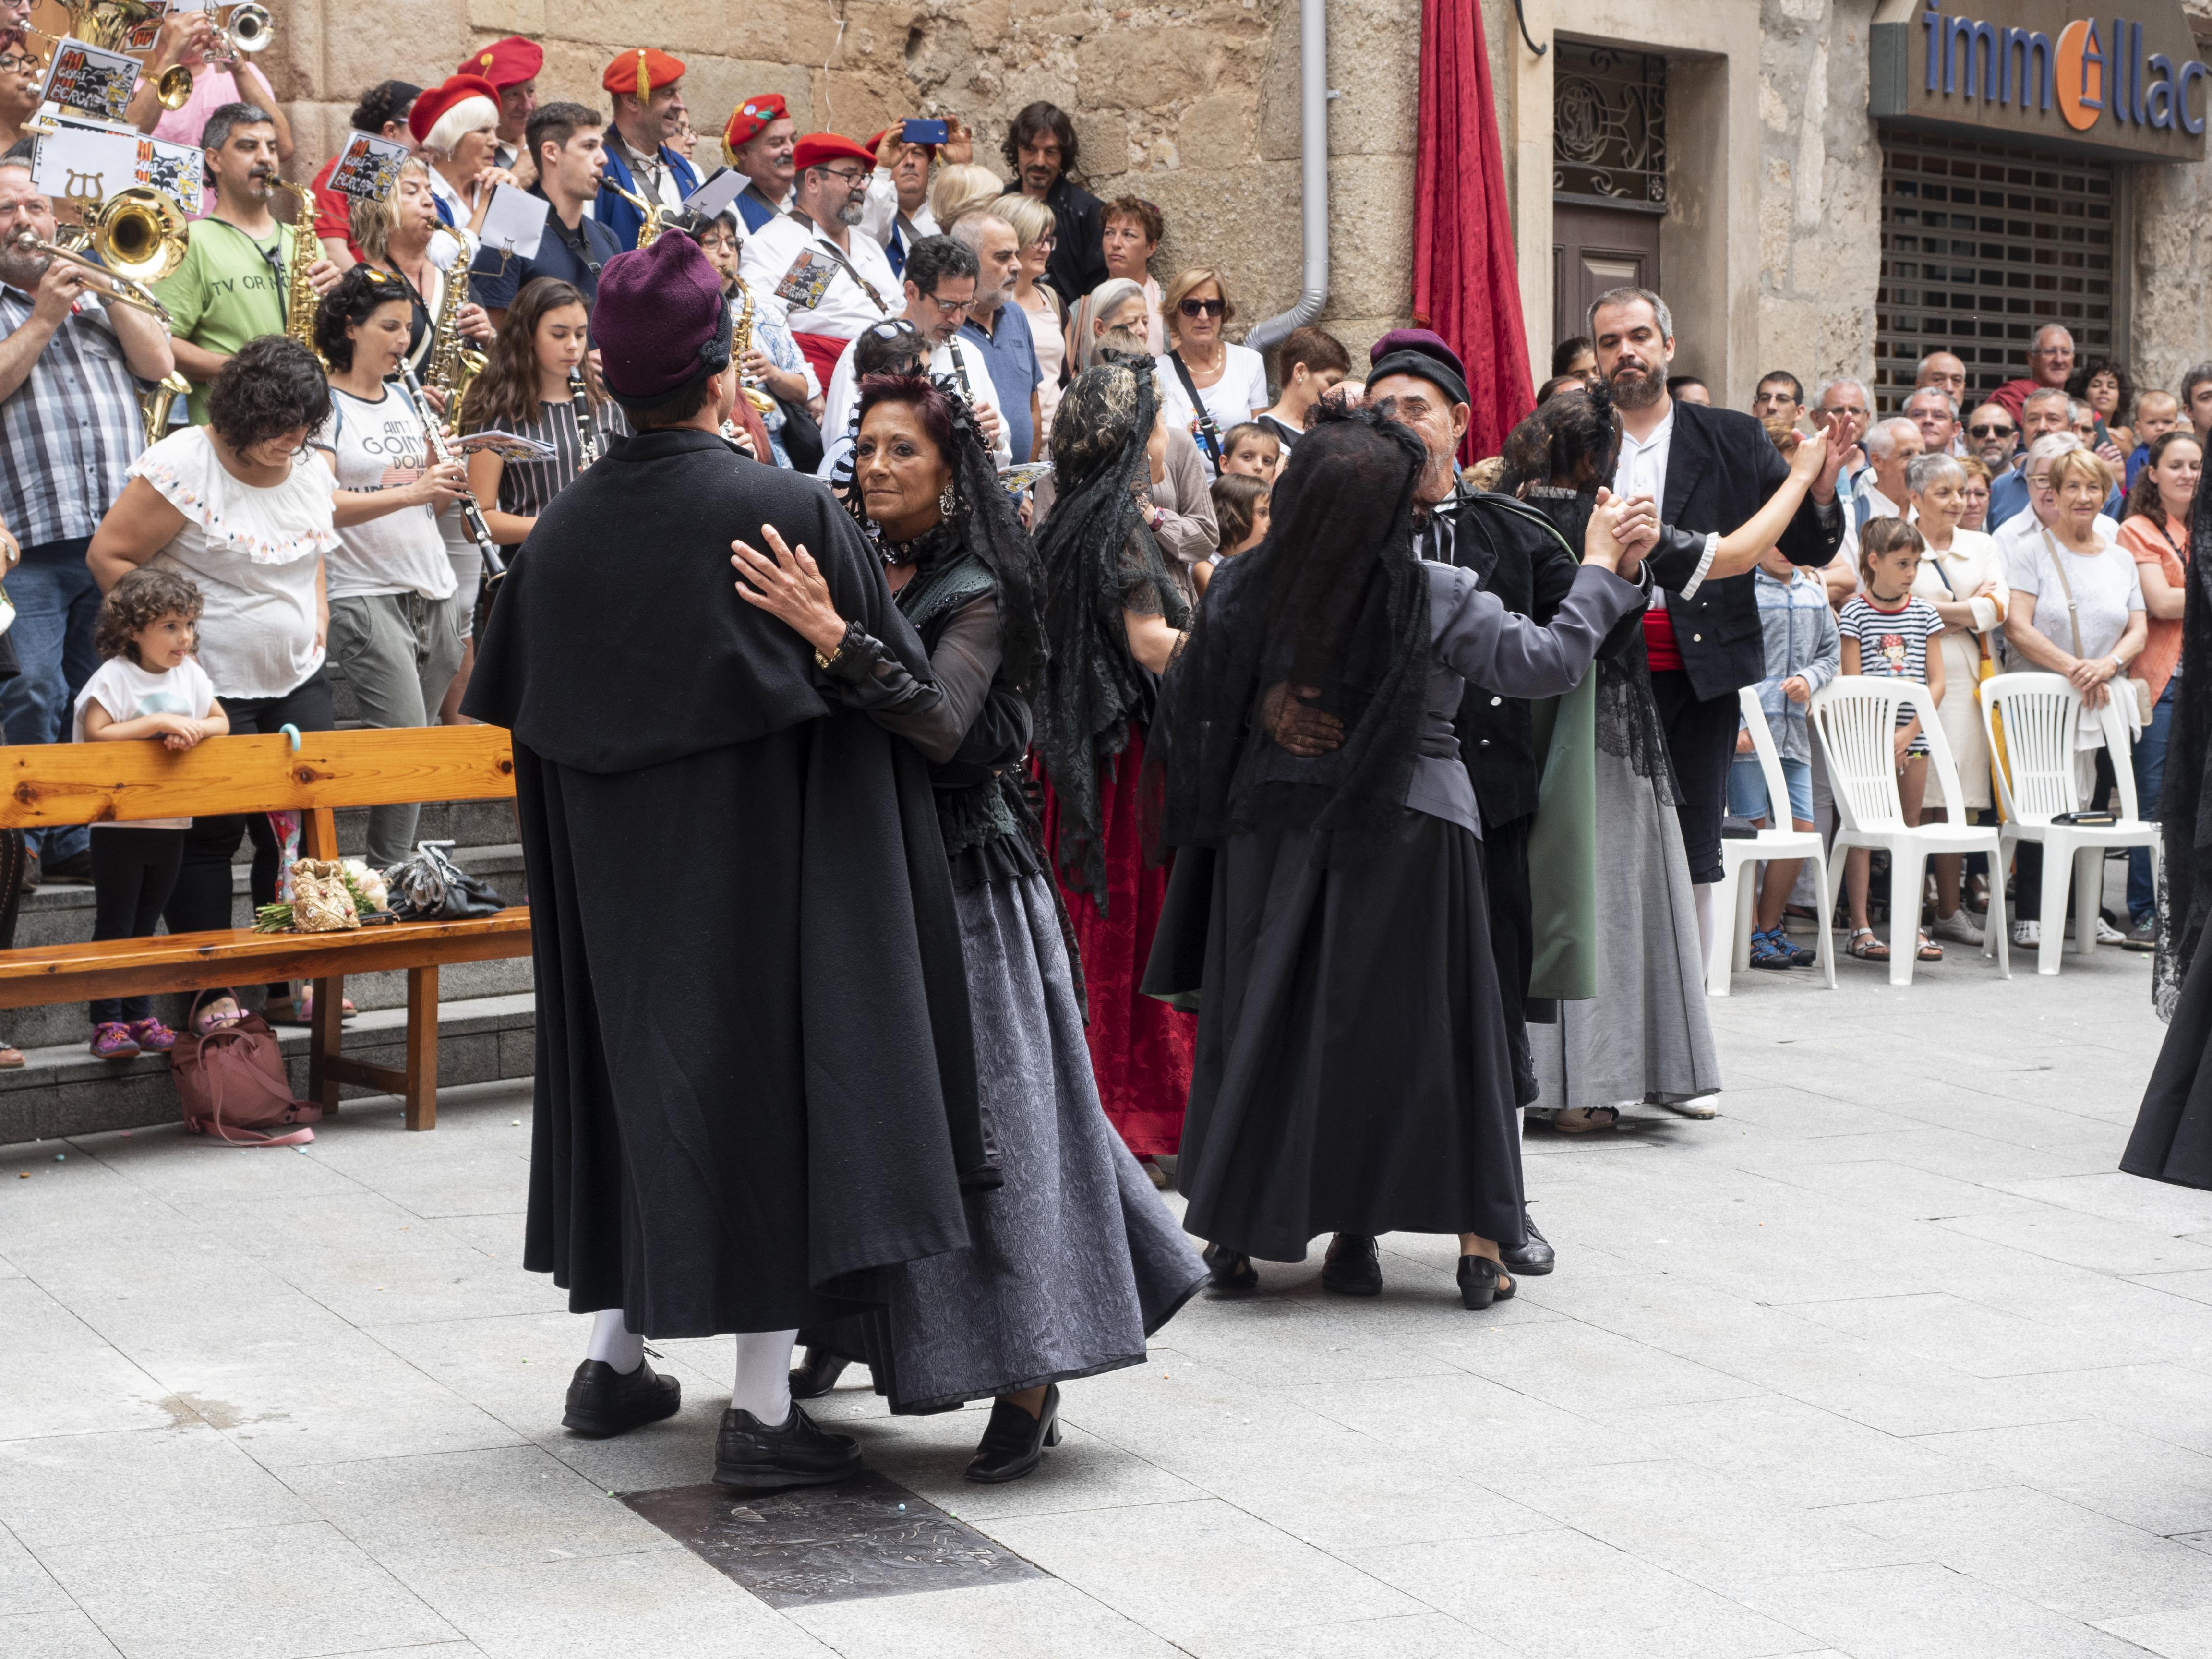 Després del Ballet de Déu, els nuvis i demés convidats a la boda arrenquen a ballar un vals. FOTO: Anna E. Puig